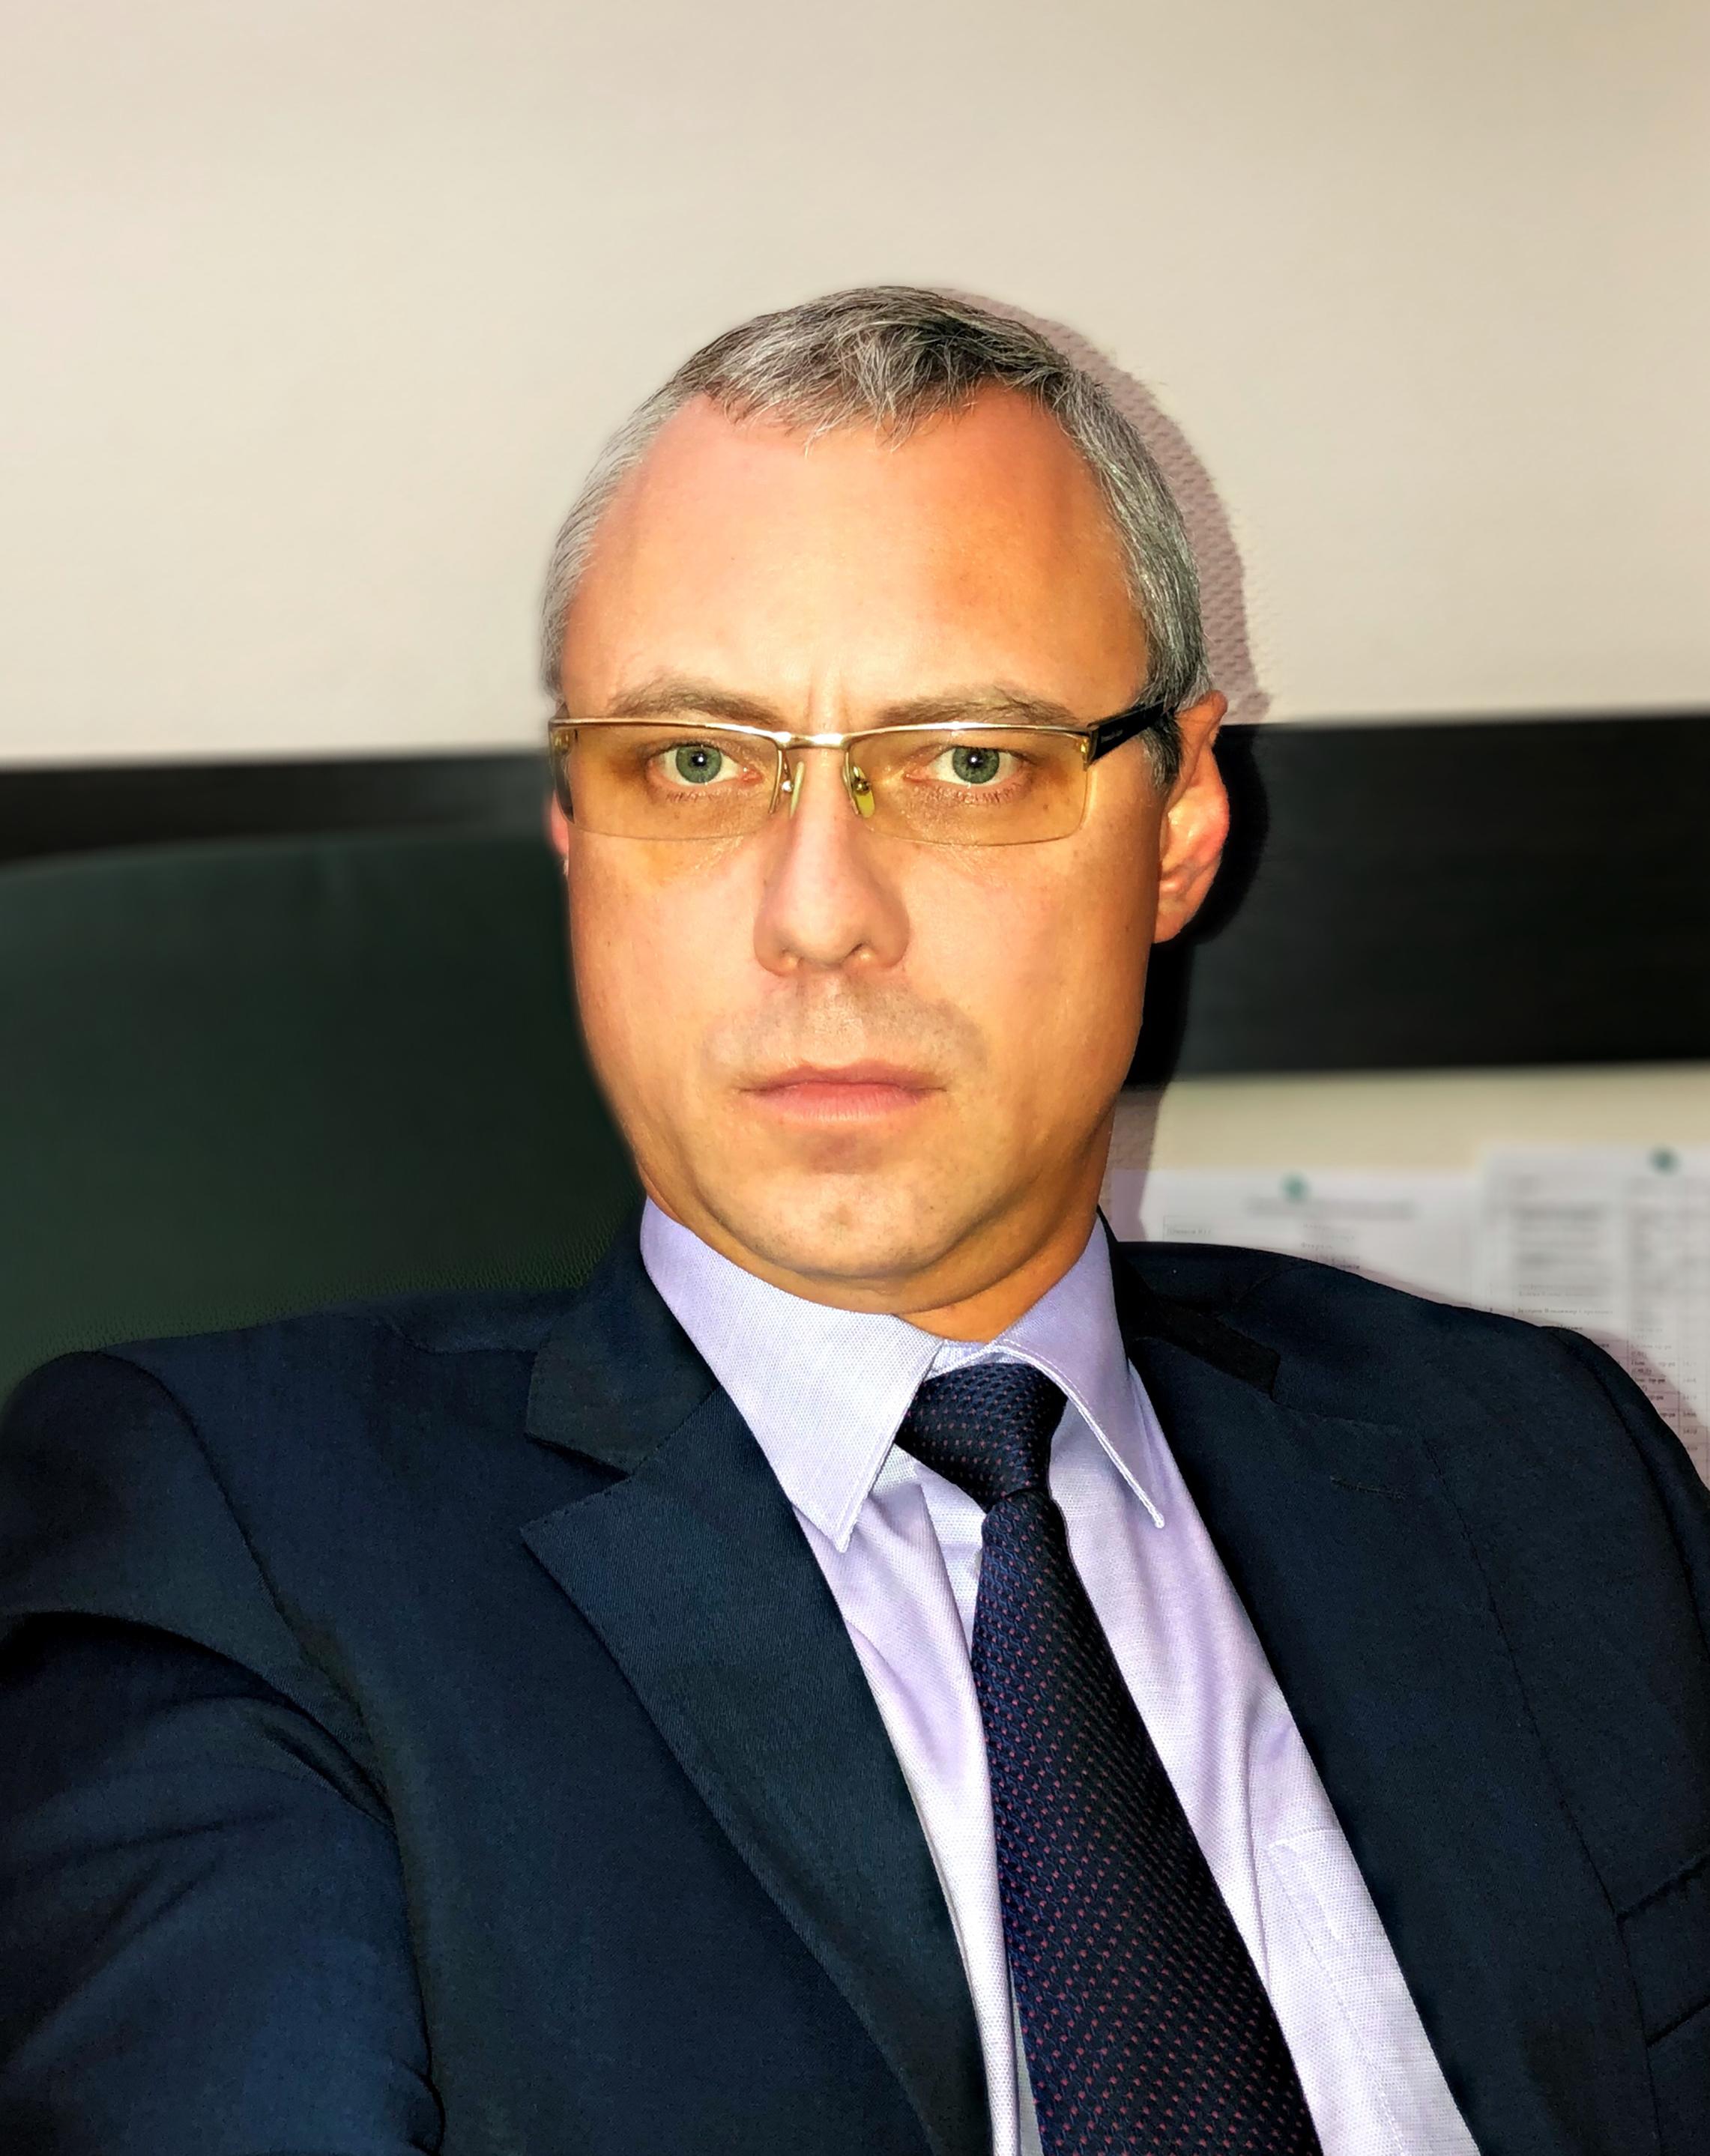 Перовский межрайонный прокурор г. Москвы Иван Александрович Федин.